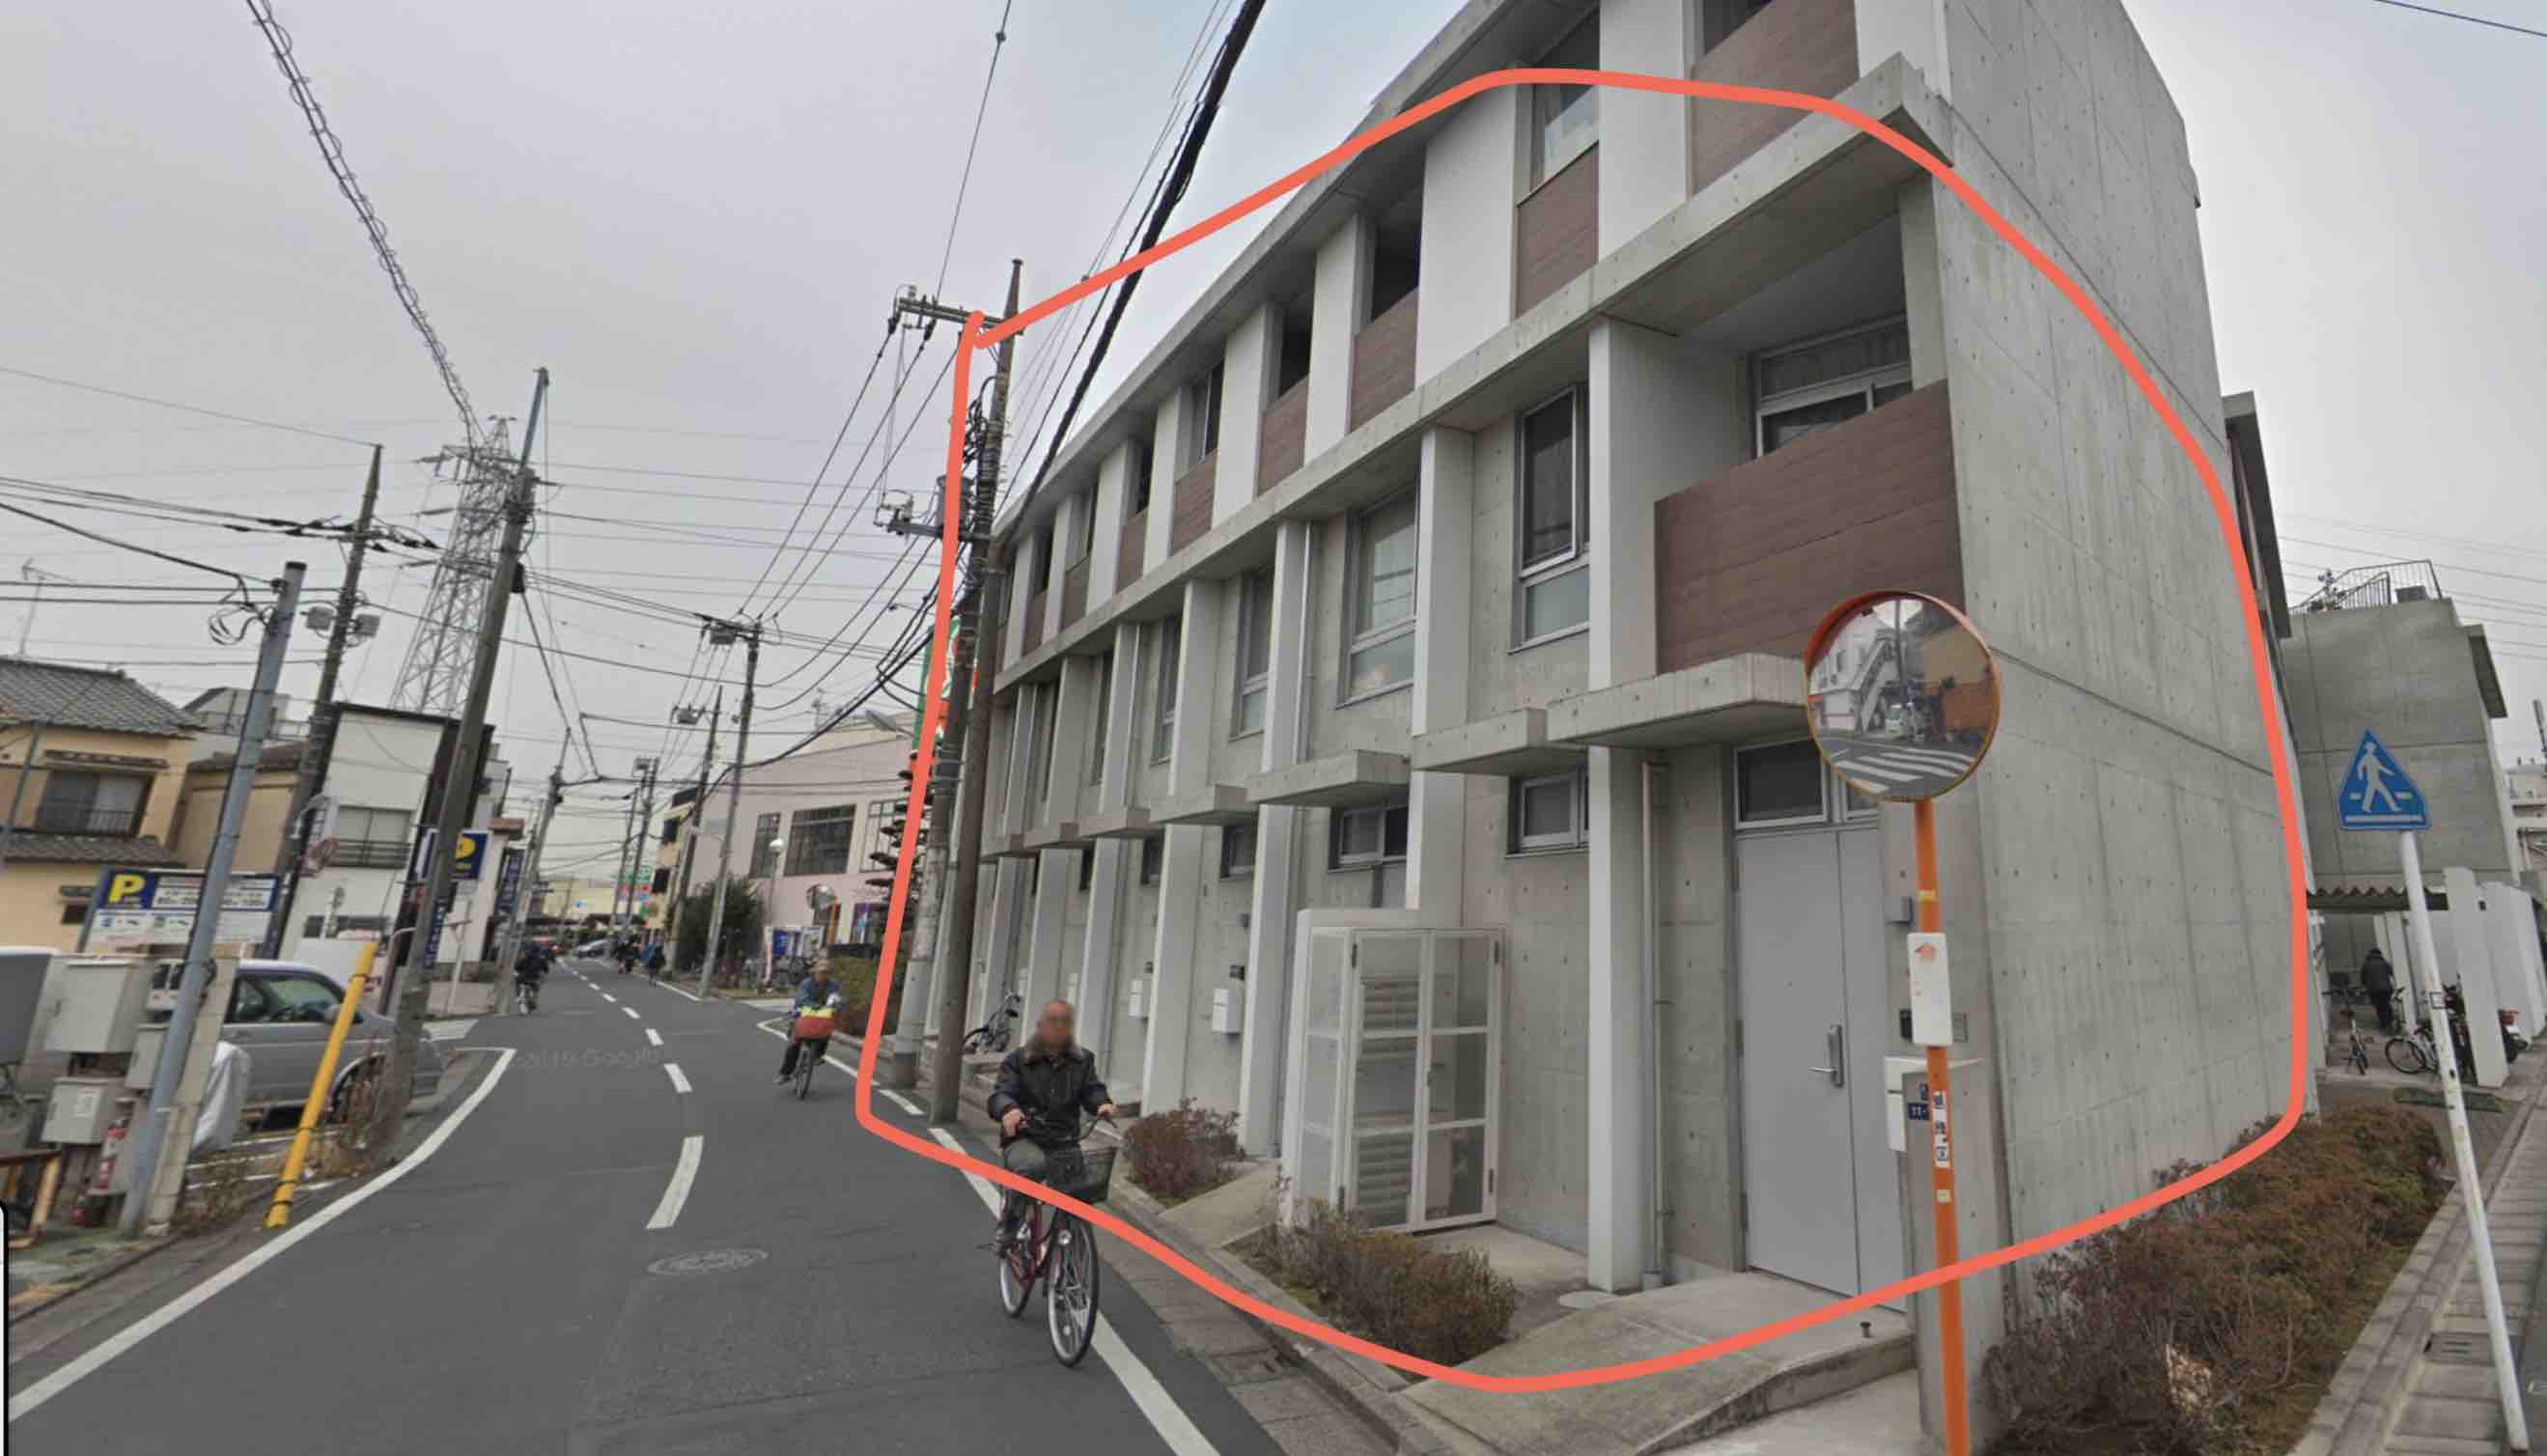 馬蹄の住所である東京都葛飾区鎌倉1-11-7の画像